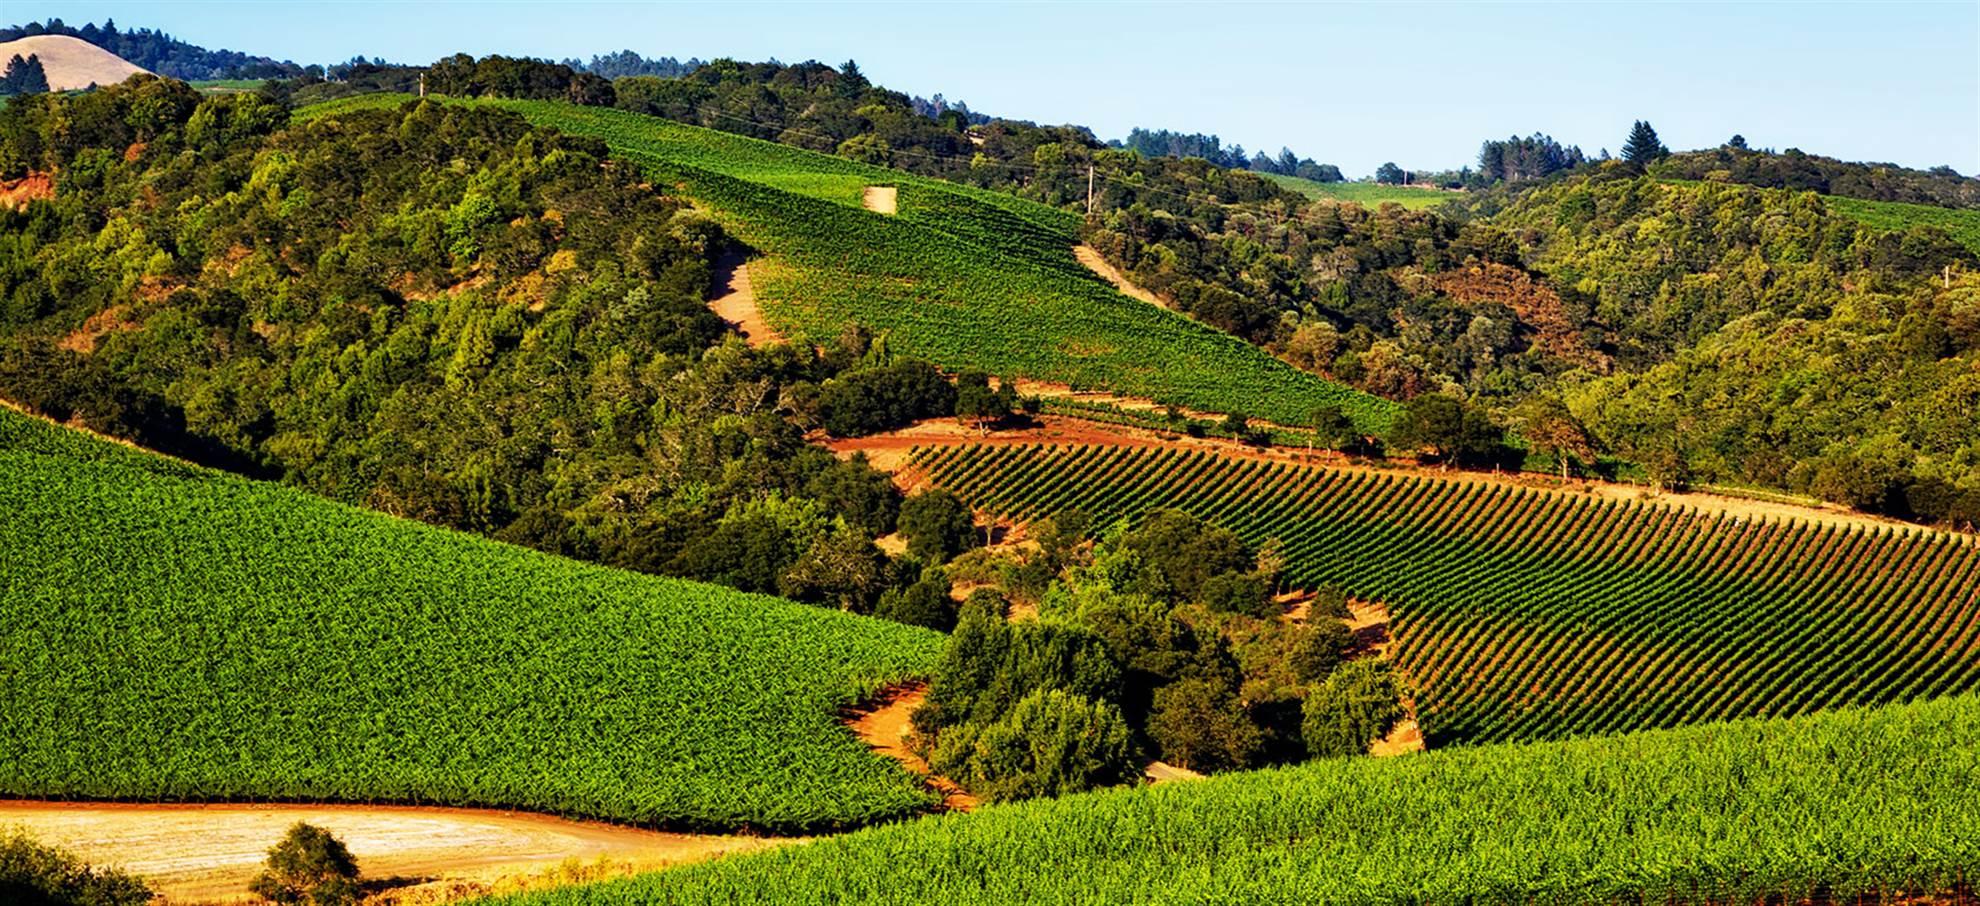 Sonoma & Napa Valley Wine Tour